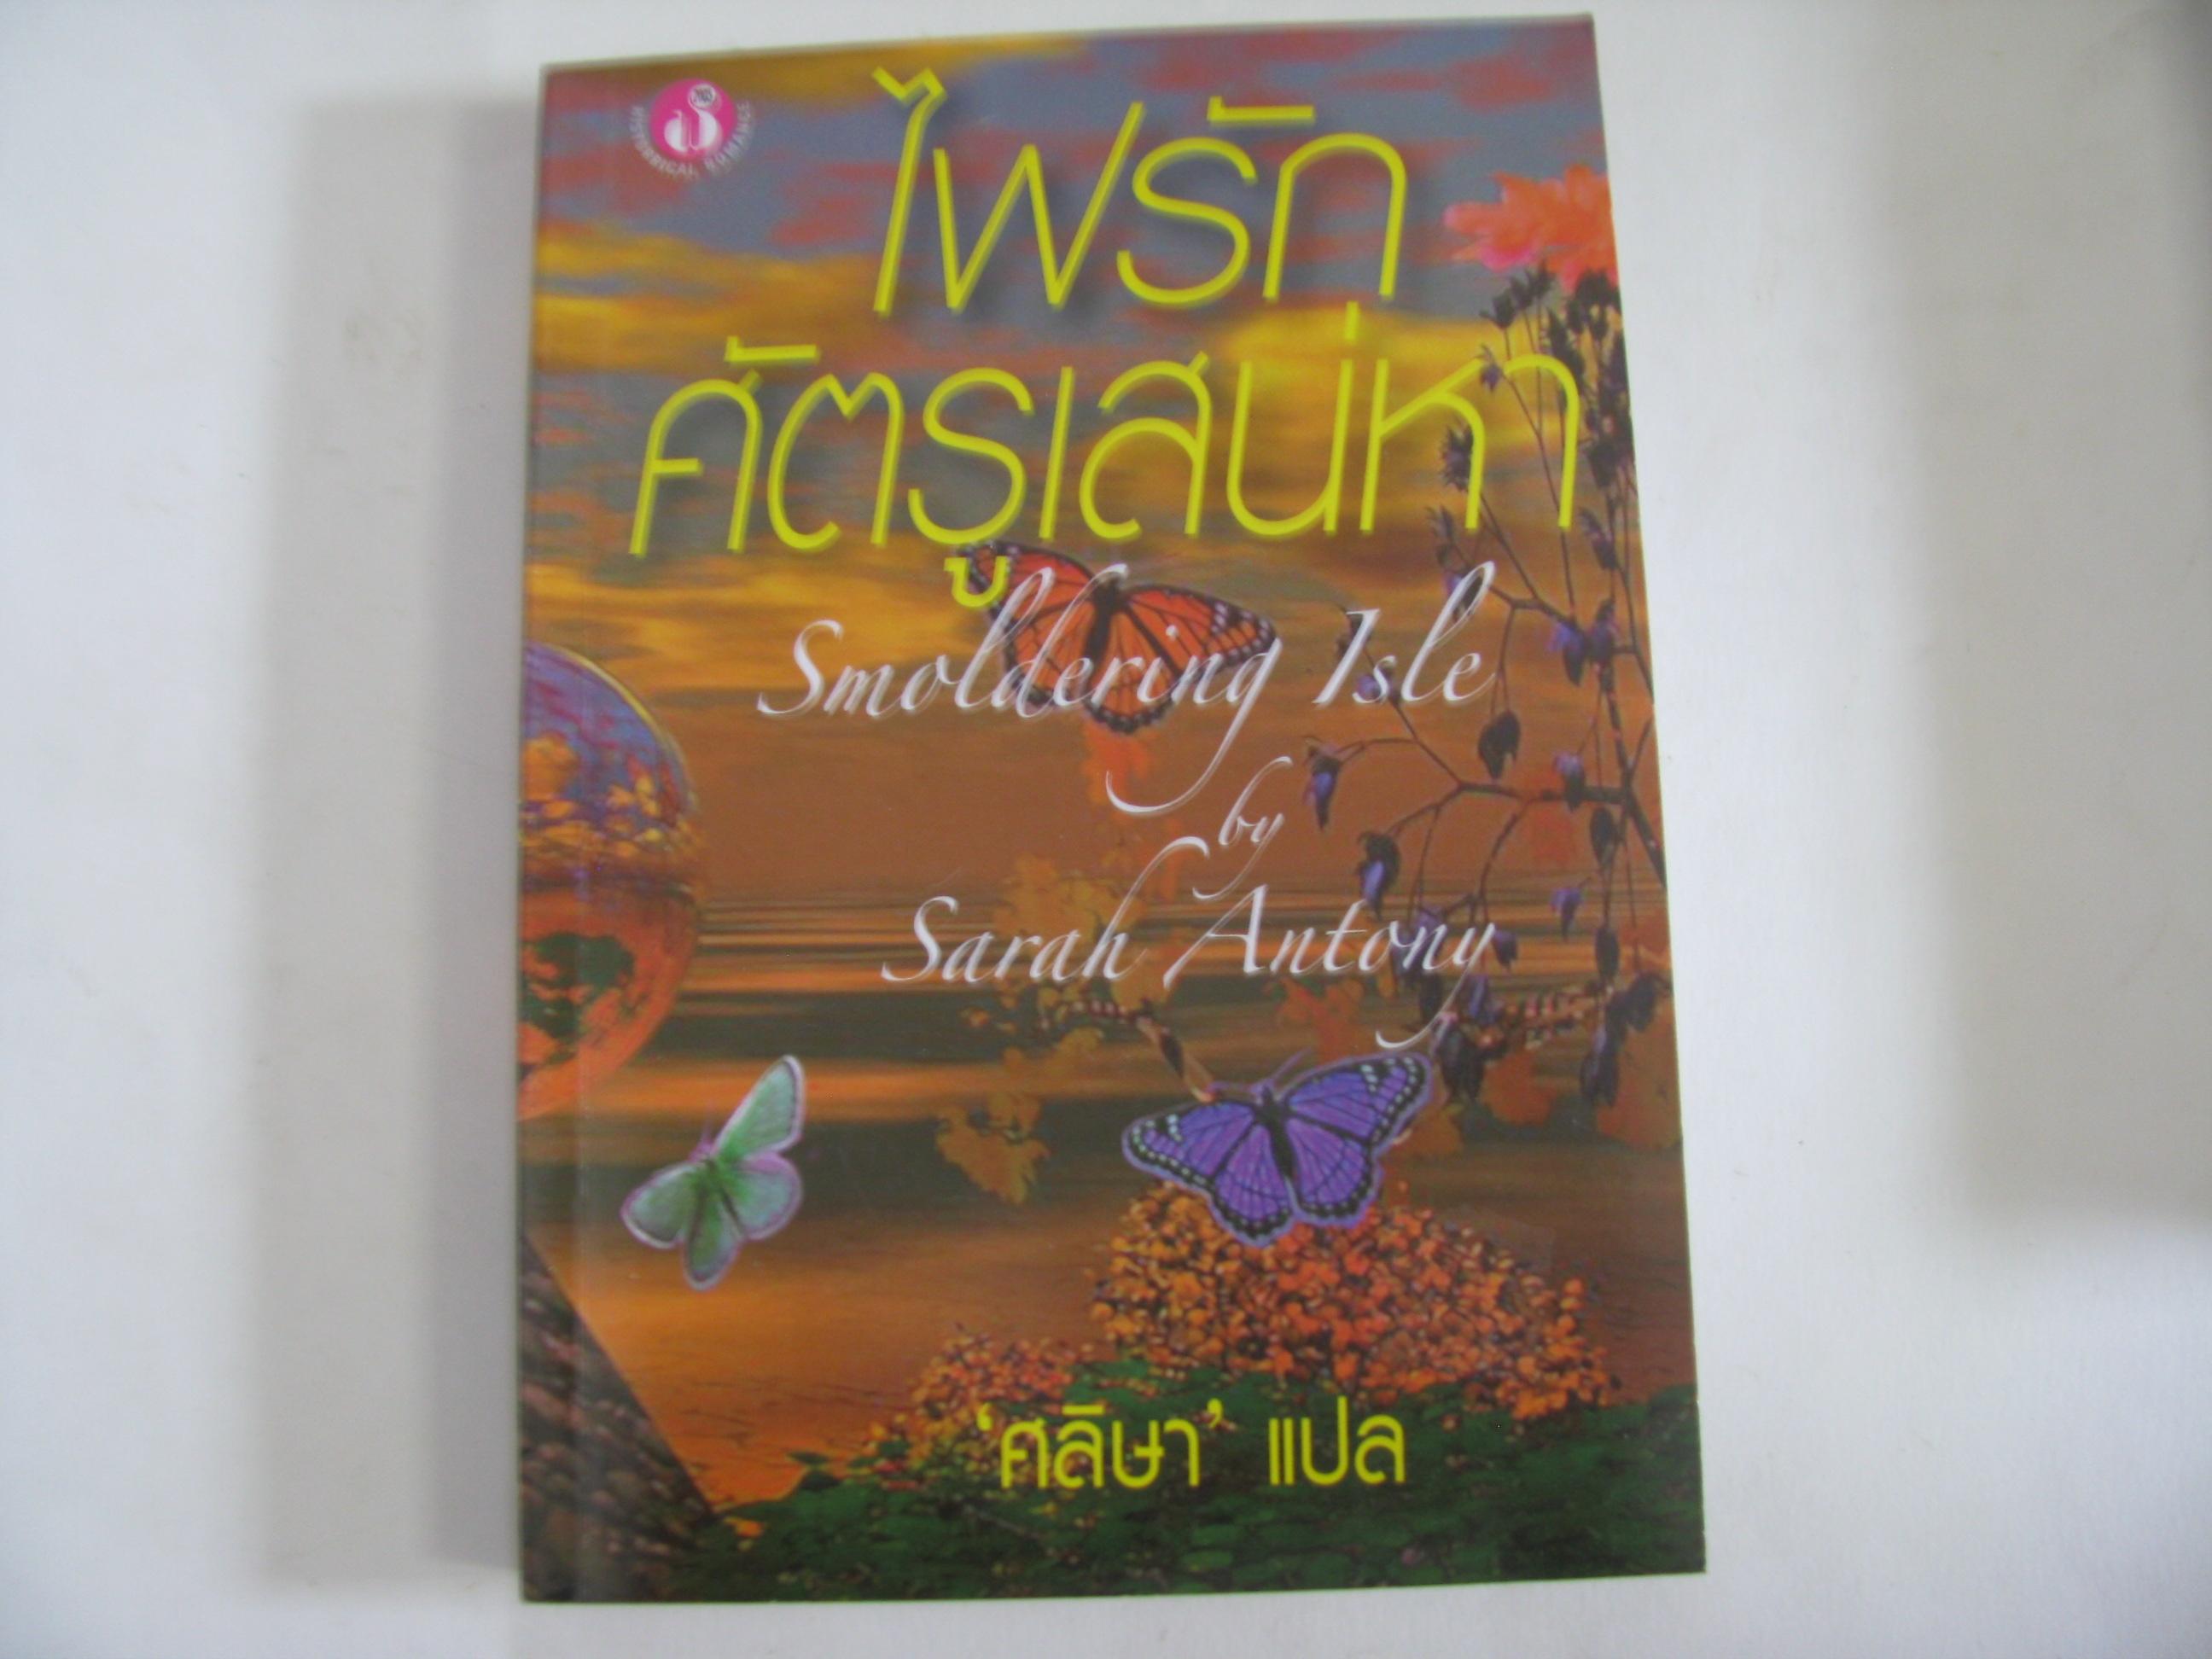 ไฟรักศัตรูเสน่หา (Smoldering Isle) Sarah Antony เขียน ศลิษา แปล